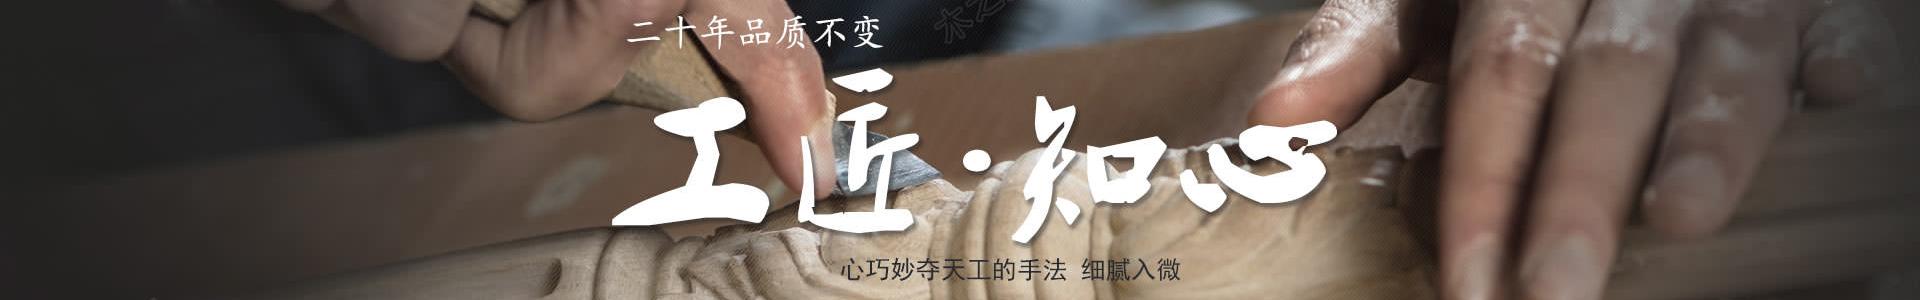 杭州全屋家居